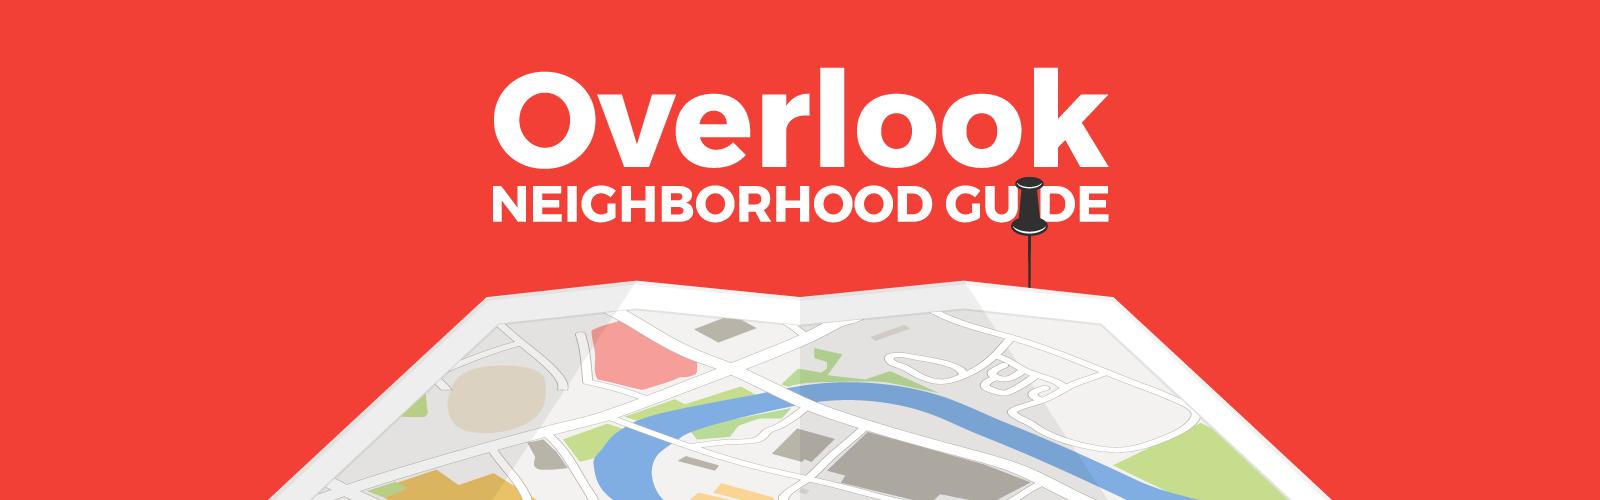 Overlook North Portland Neighborhood Guide